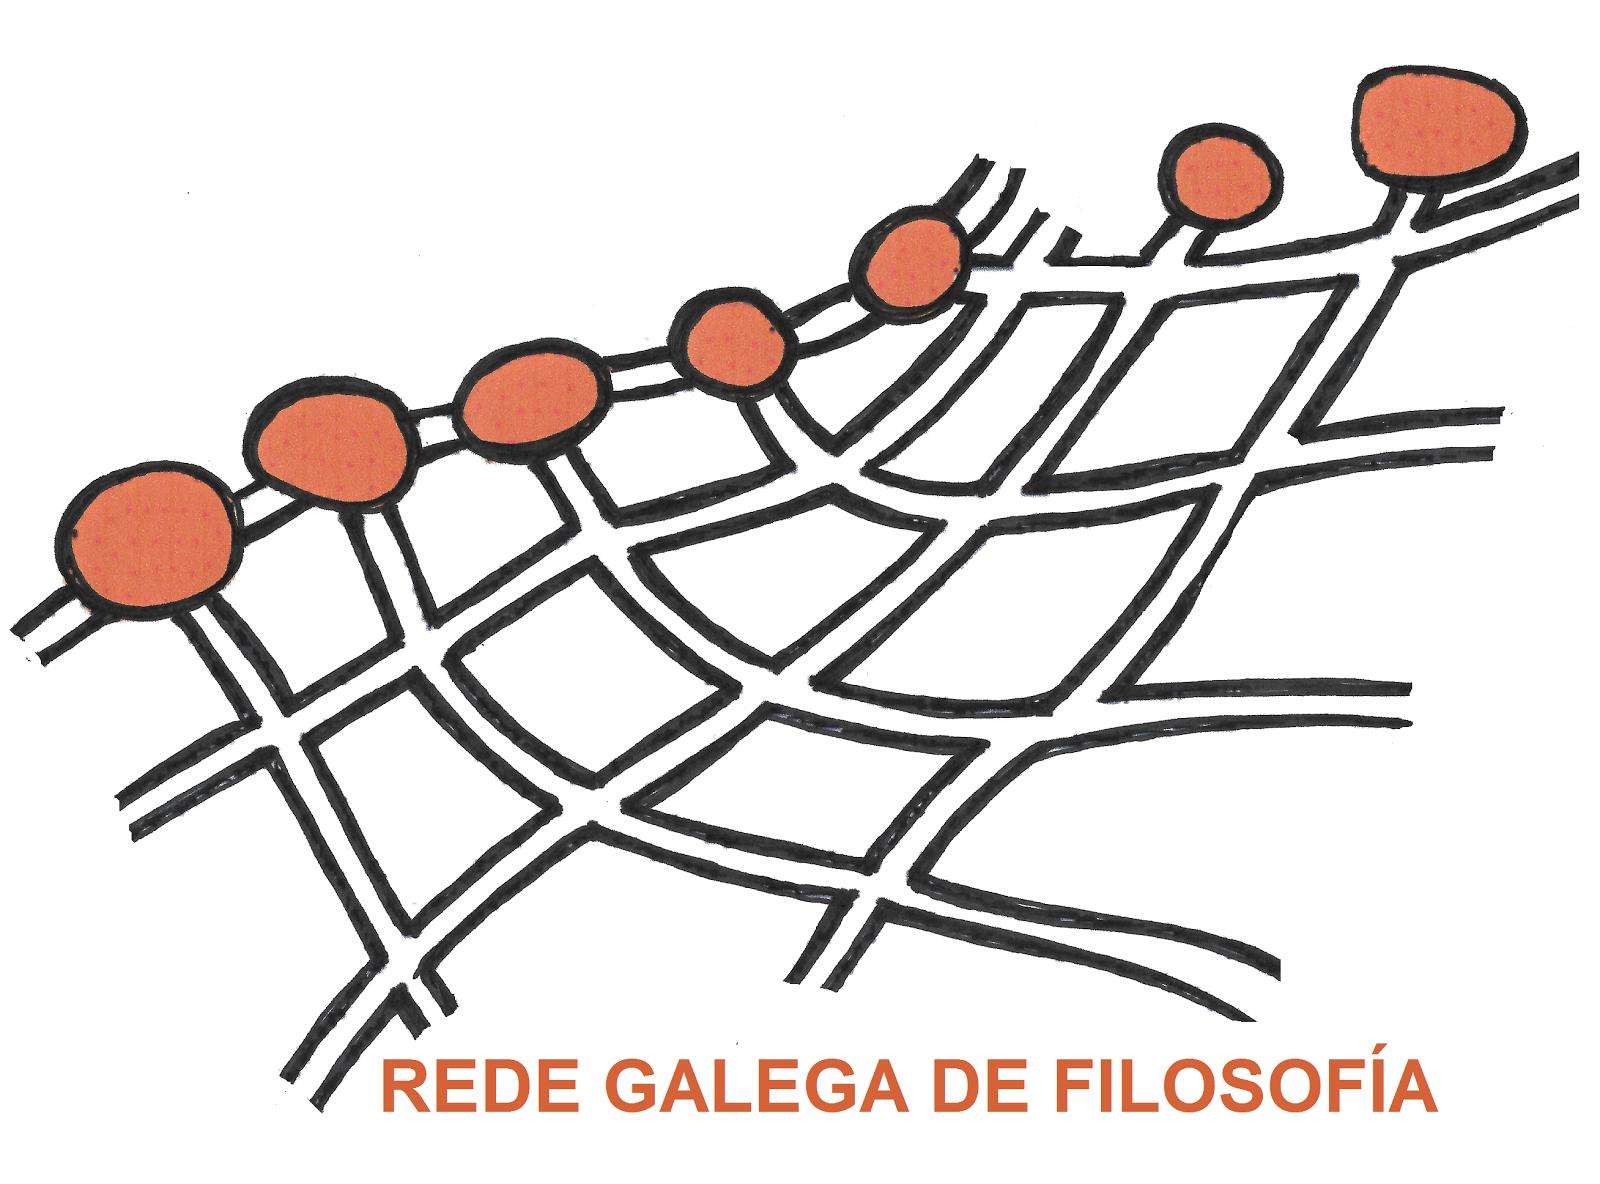 Rede Galega de Filosofía